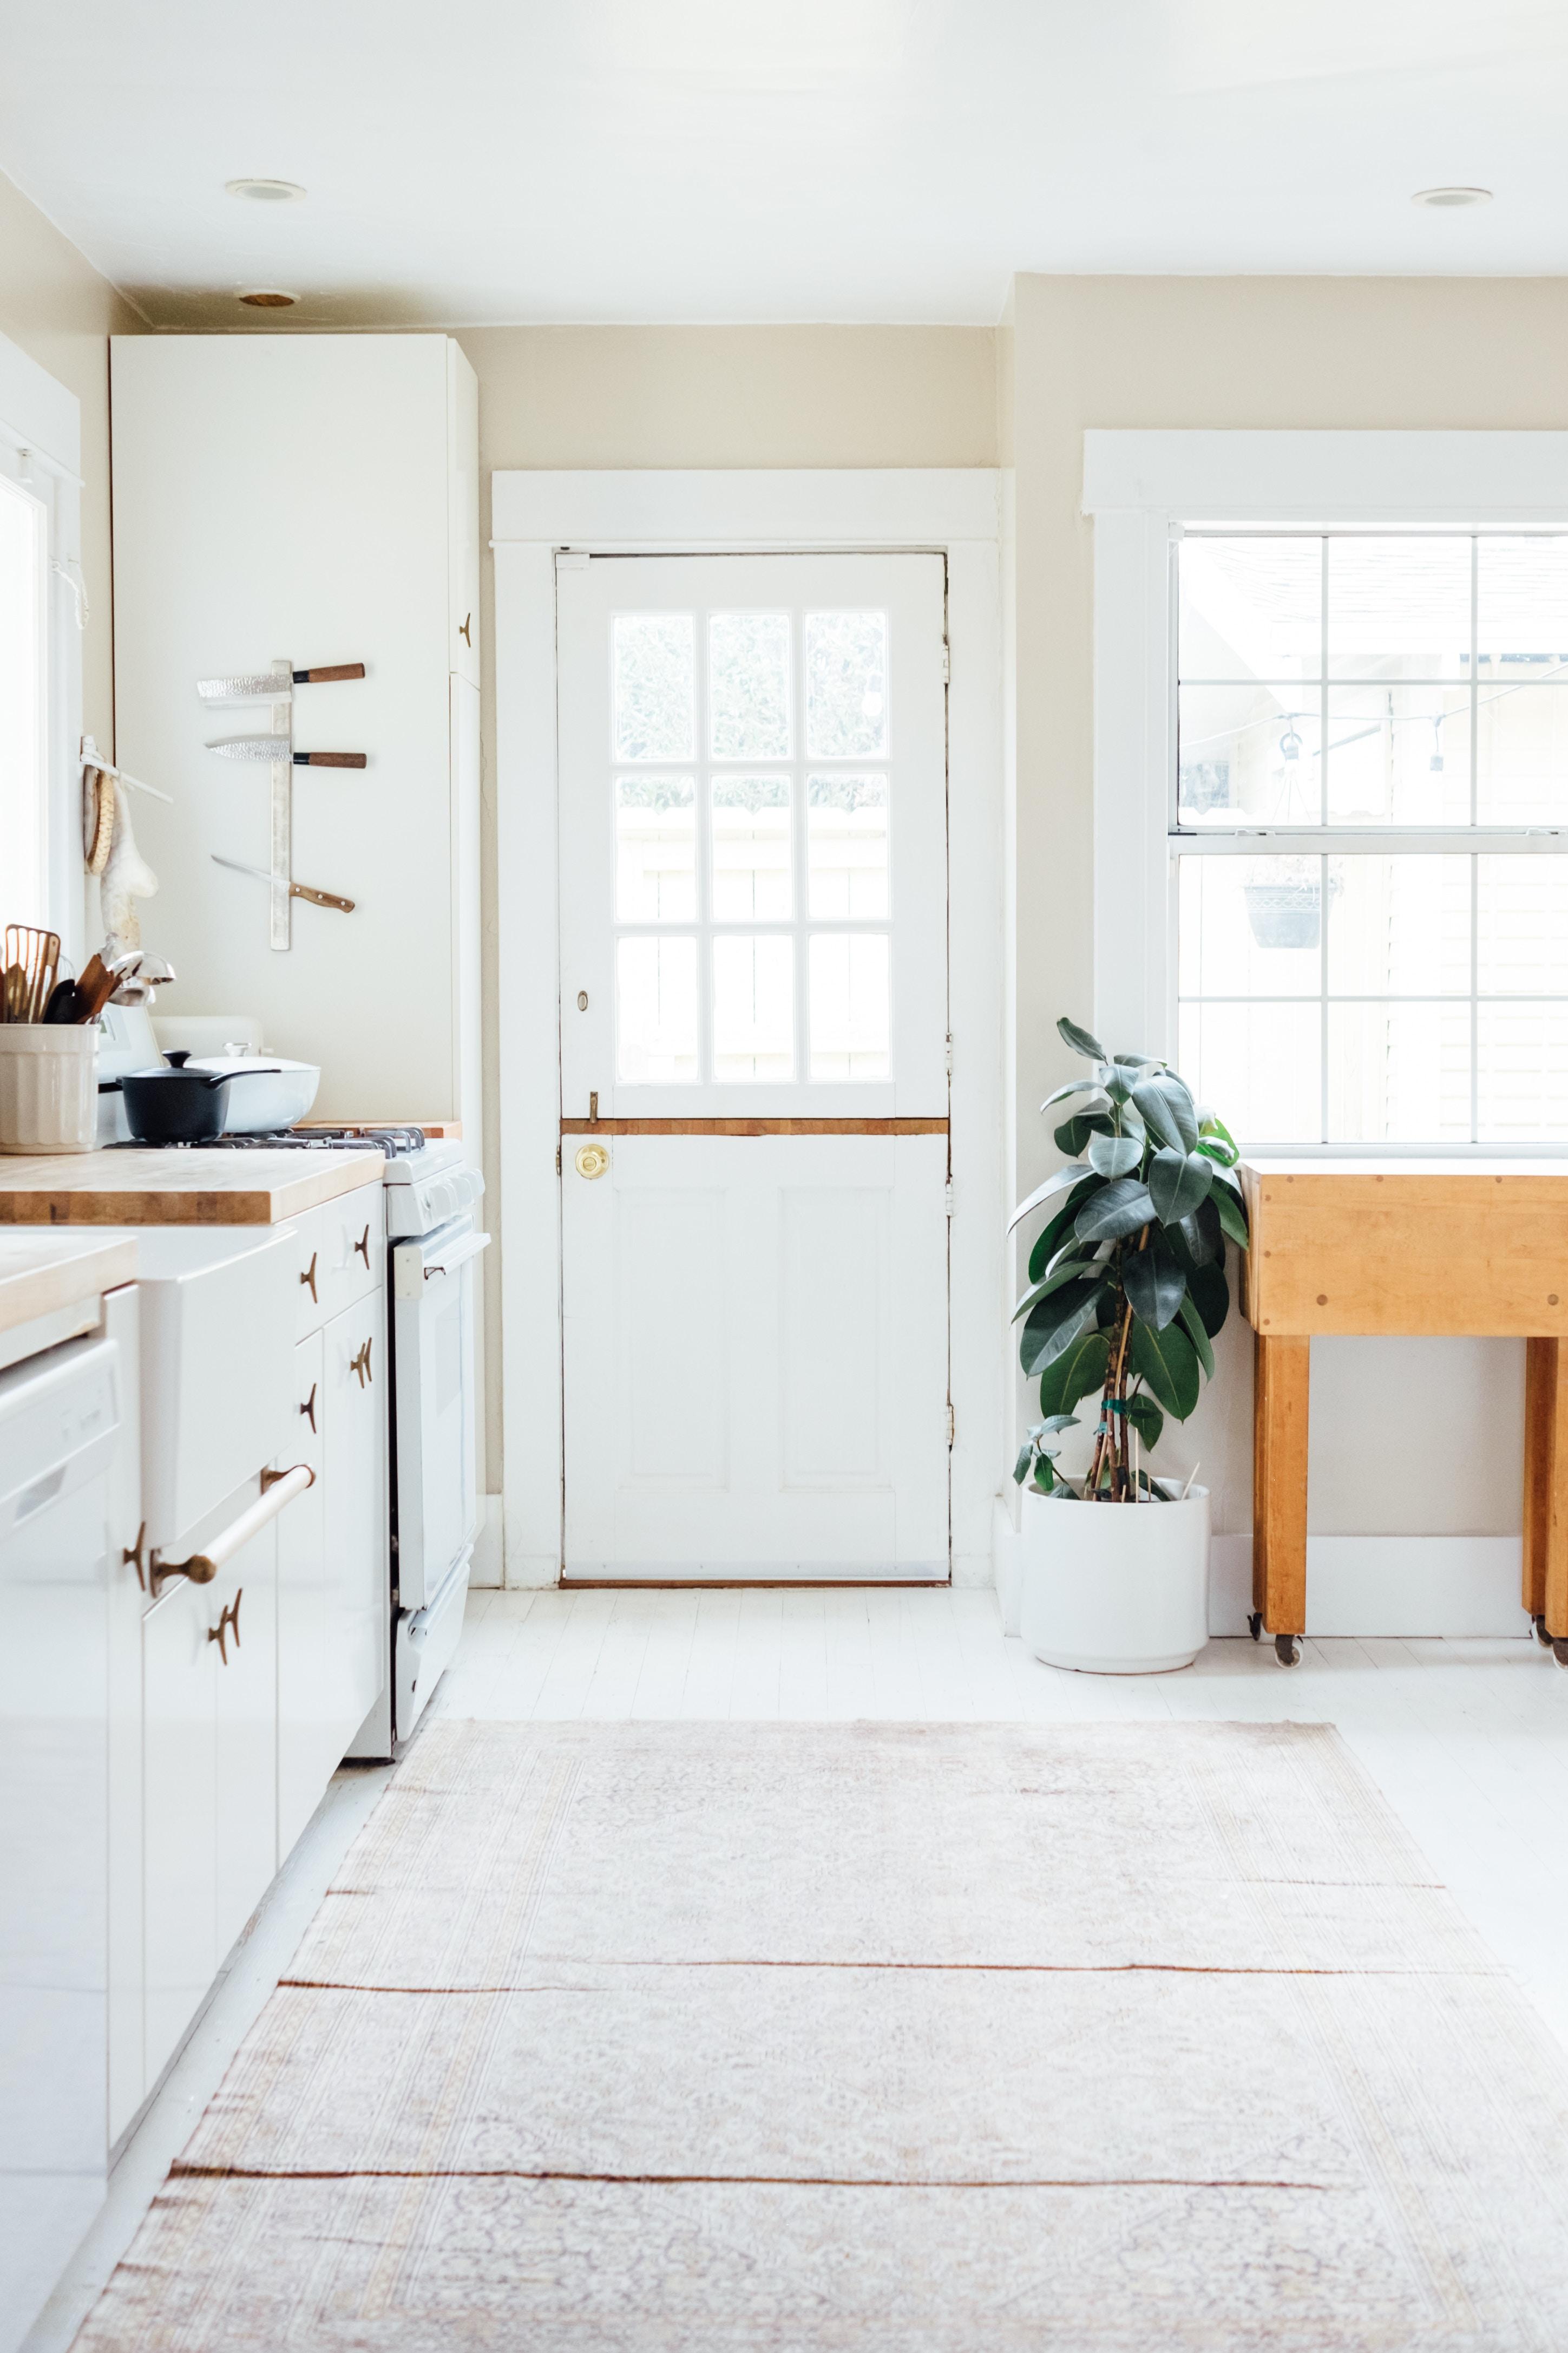 Come posso rinnovare la mia cucina? - Arredativo Design Magazine